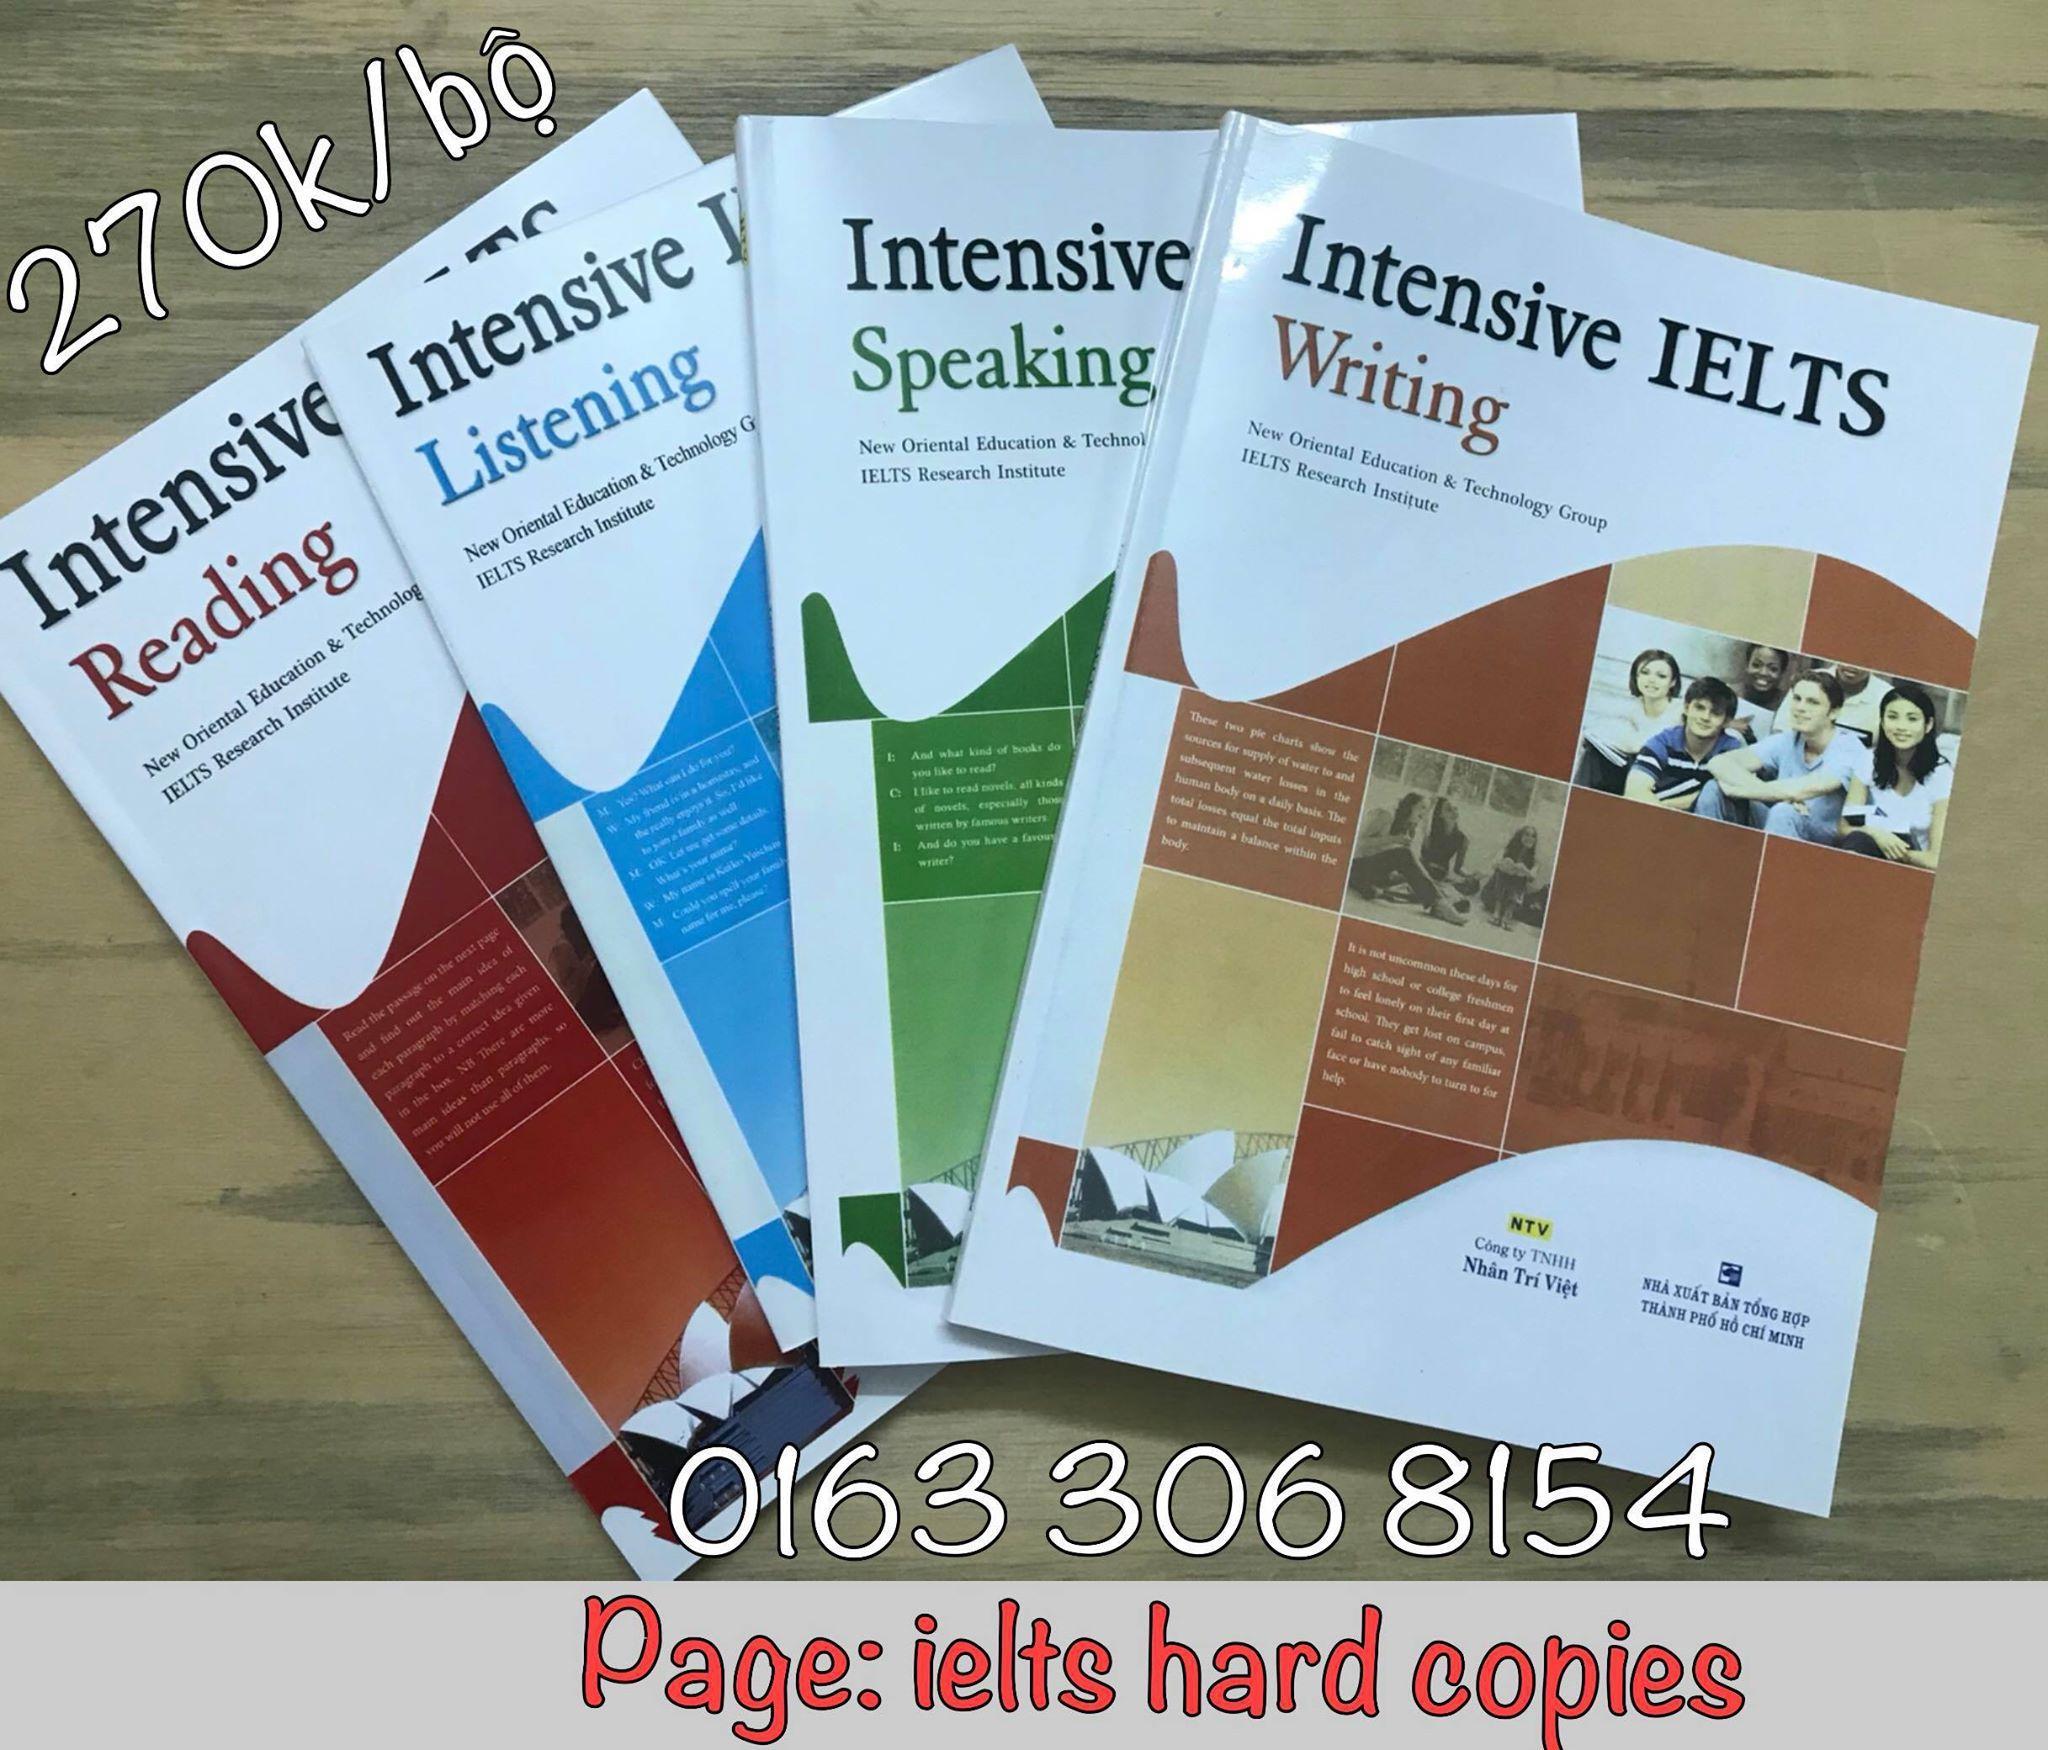 Intensive IELTS - Bán Lẻ Siêu Khuyến Mại